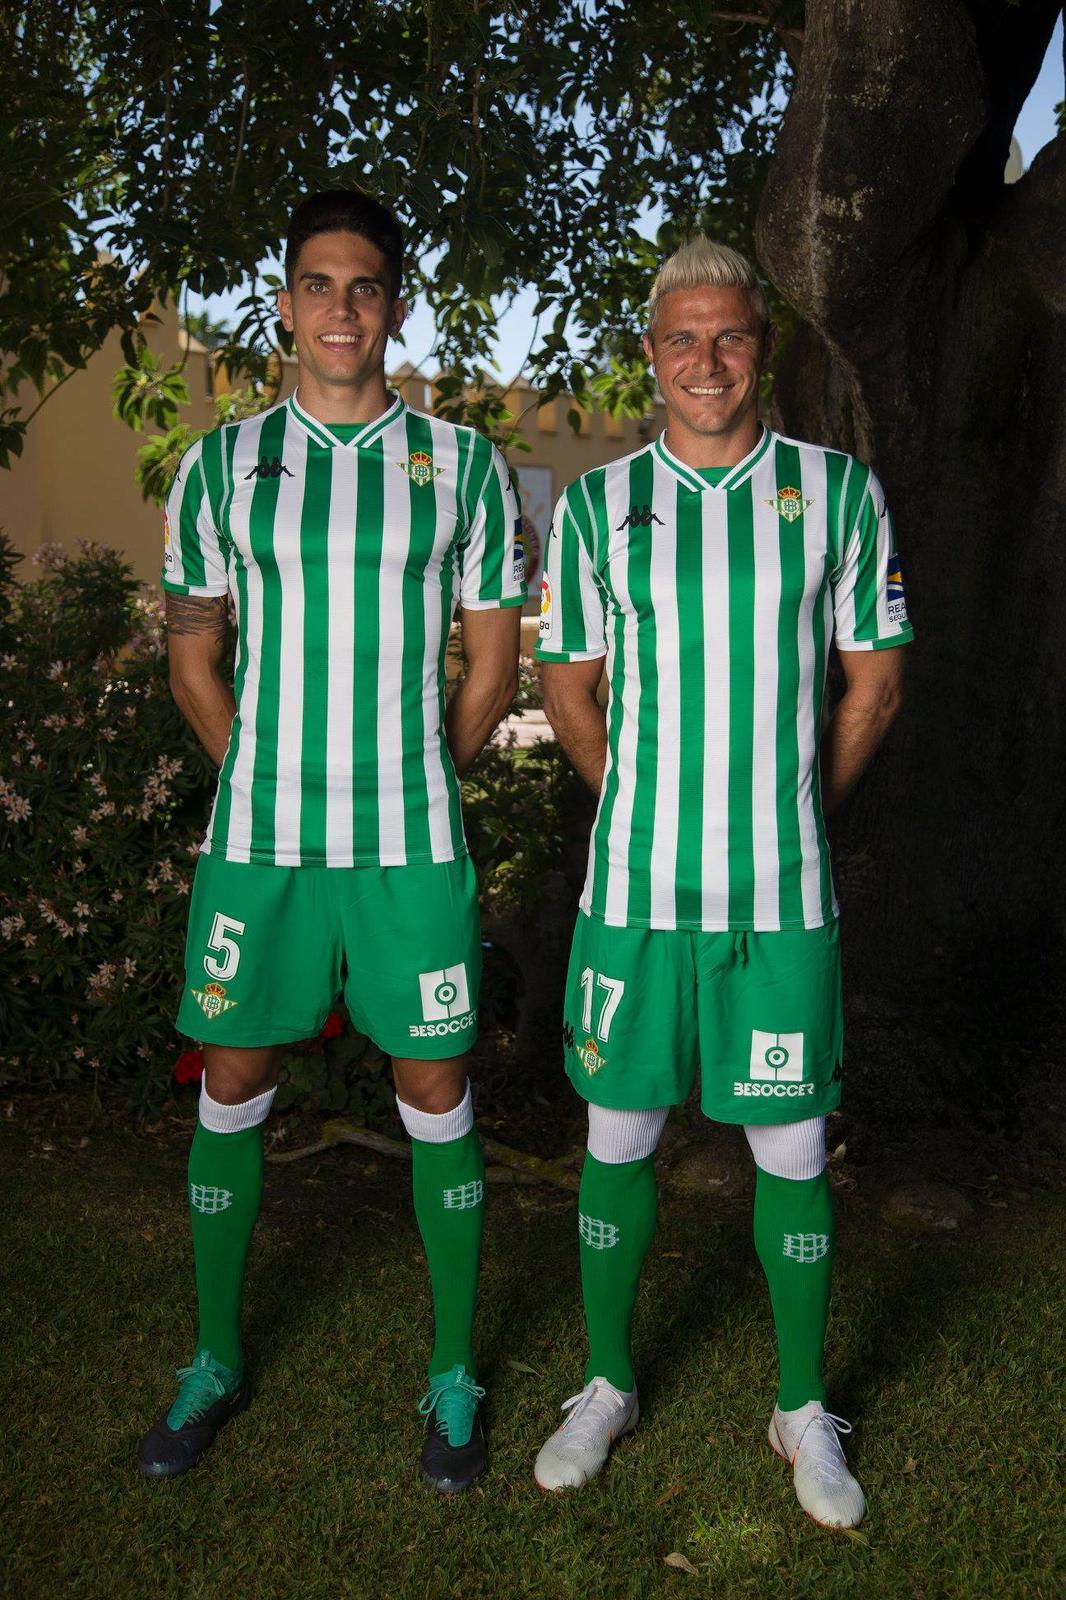 62e8f14141a Update  Kappa Real Betis 18-19 Home   Goalkeeper Kits Revealed ...